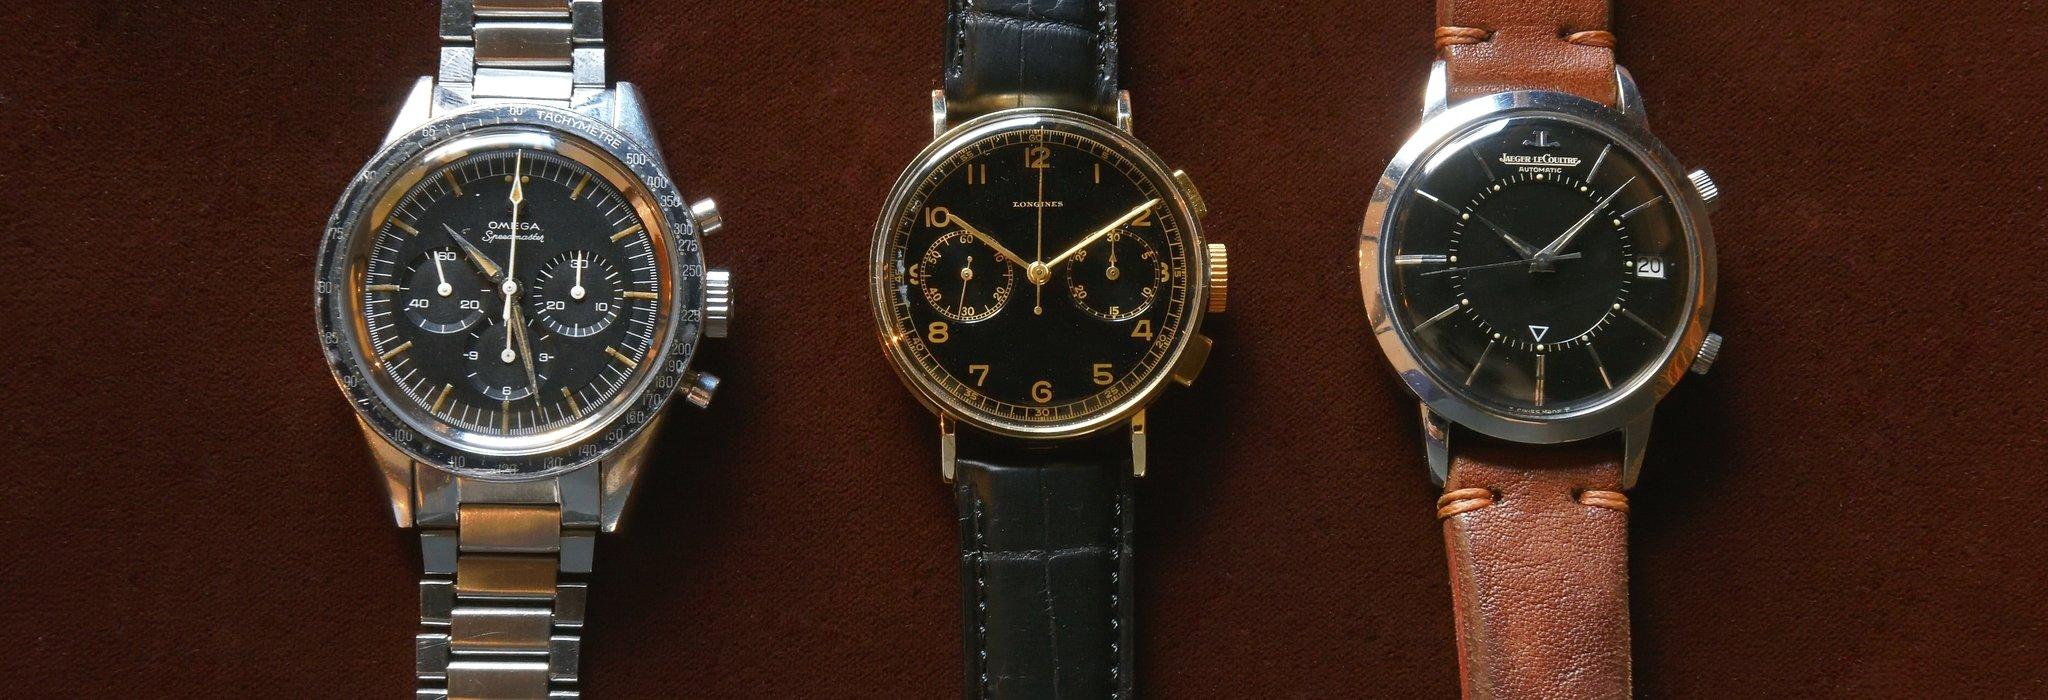 修理に重きを置くアンティークウォッチ専門店「ケアーズ」。時計の先に見据える想いとは。_image